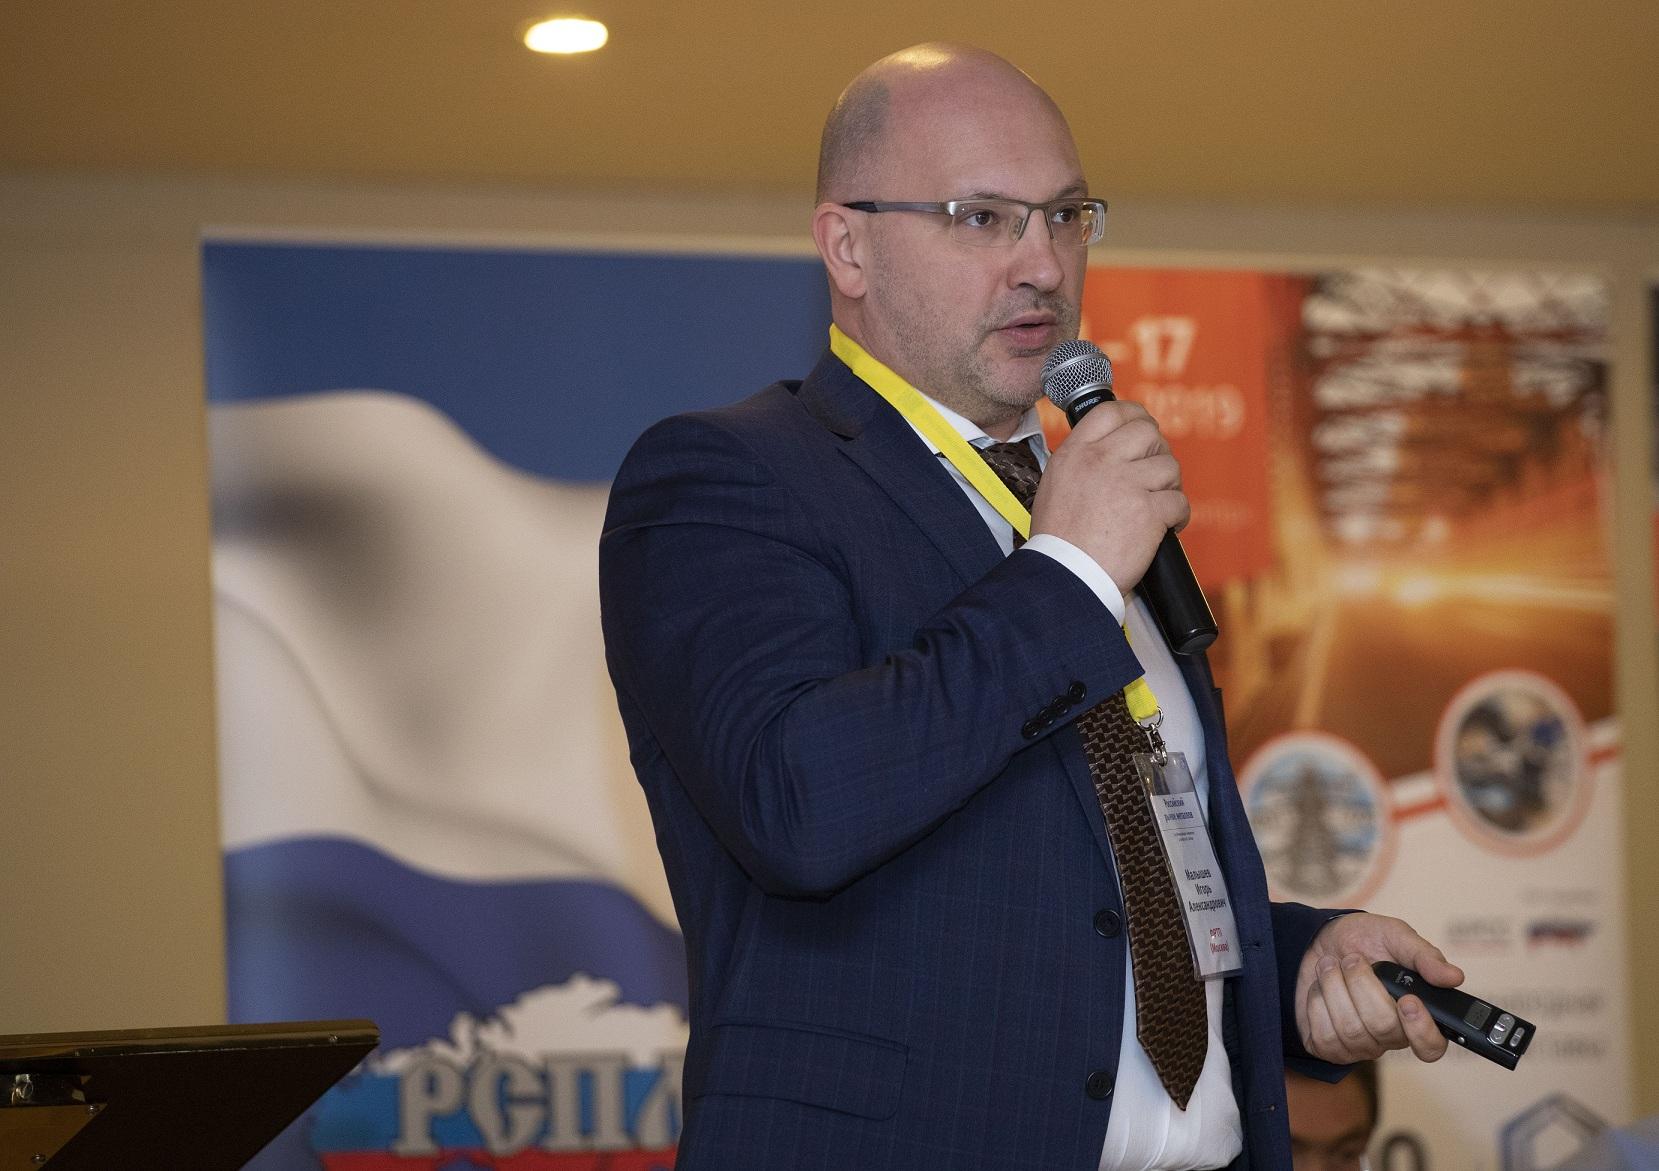 ФРТП: защита рынка от недобросовестной конкуренции и борьба с контрафактом – возможности  роста для российск …